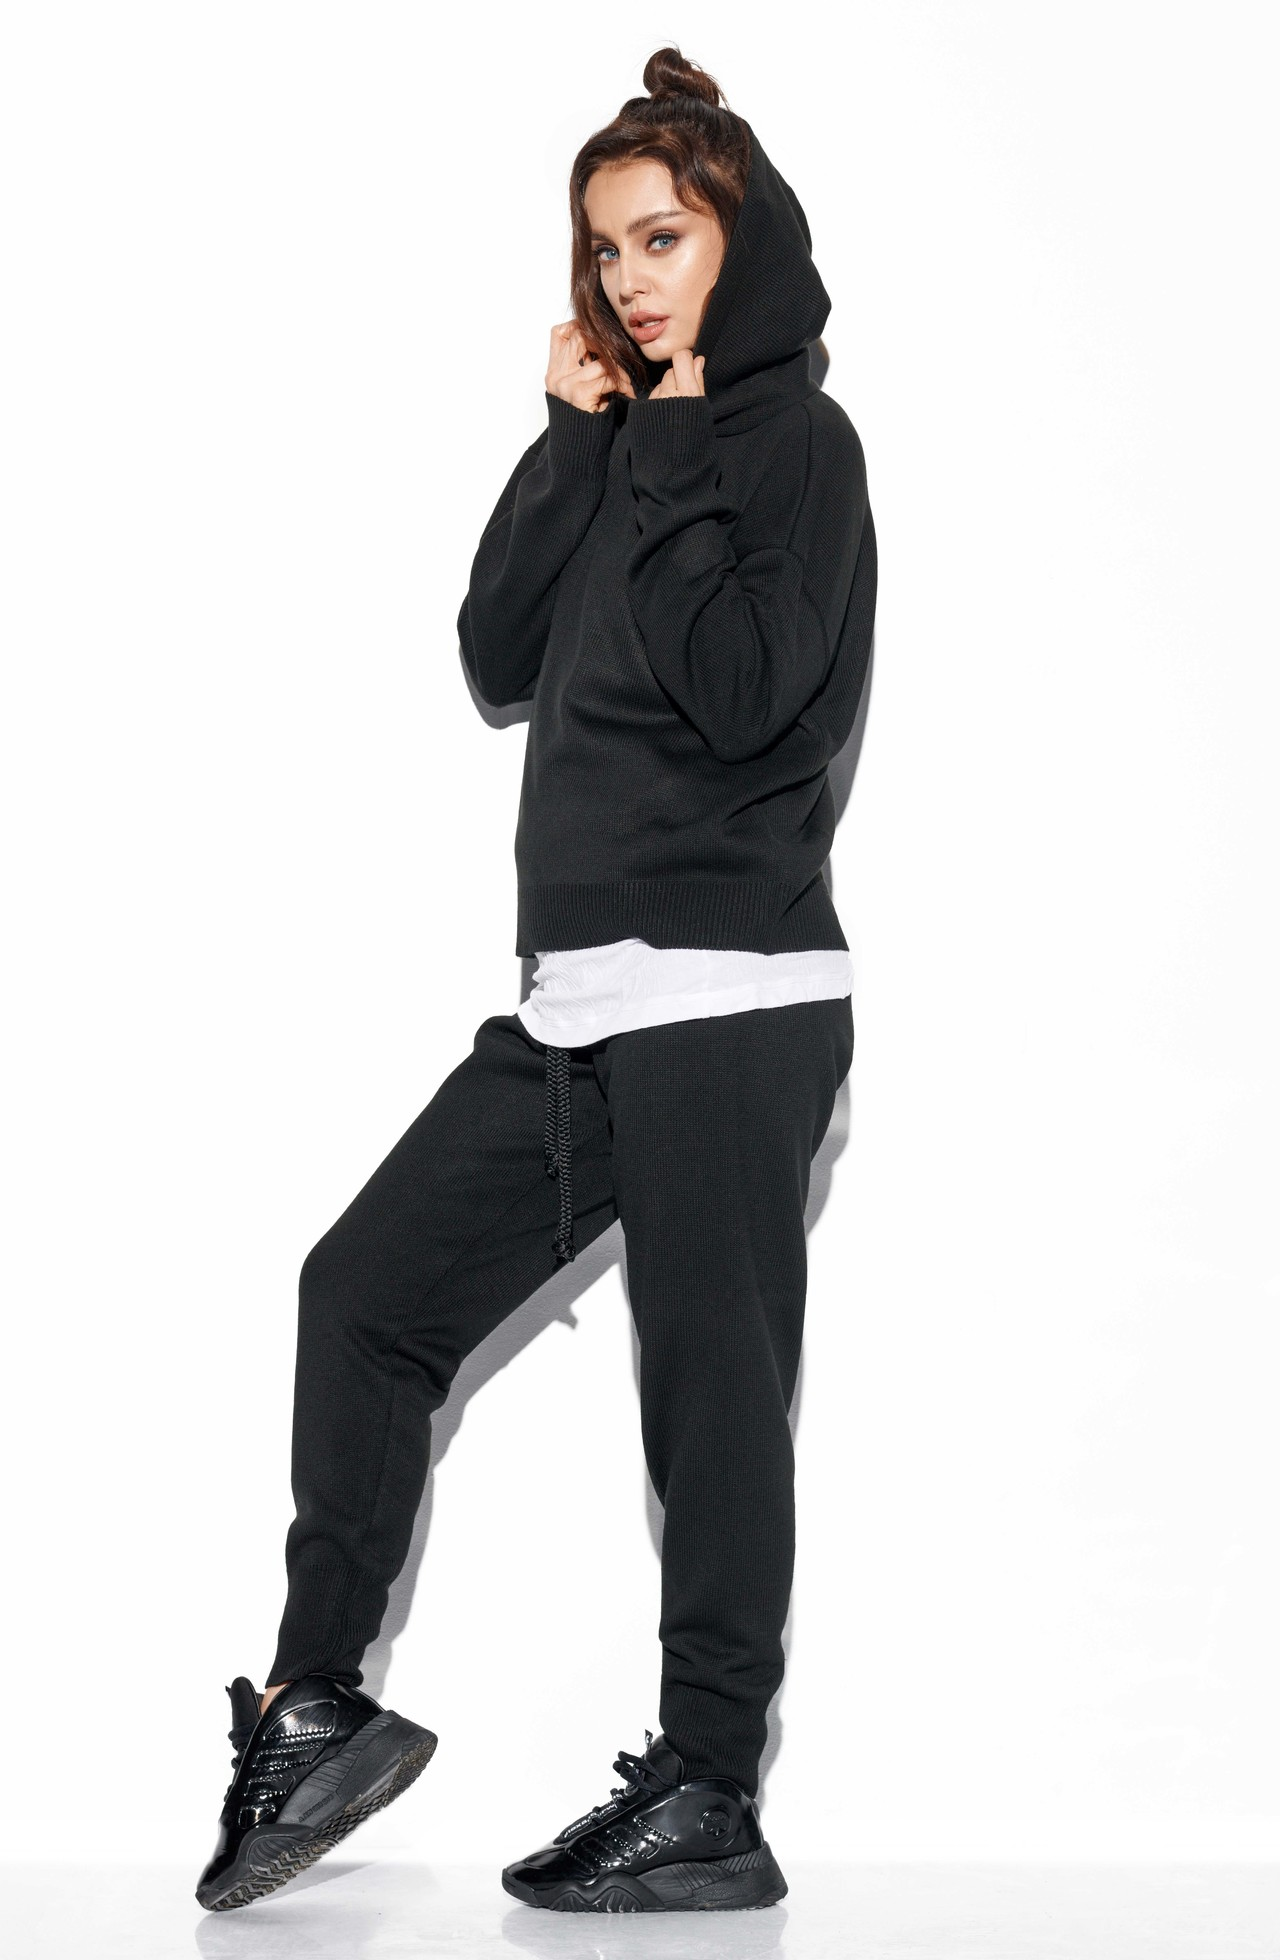 Schwarzes Strickset mit Hoodie und Hose